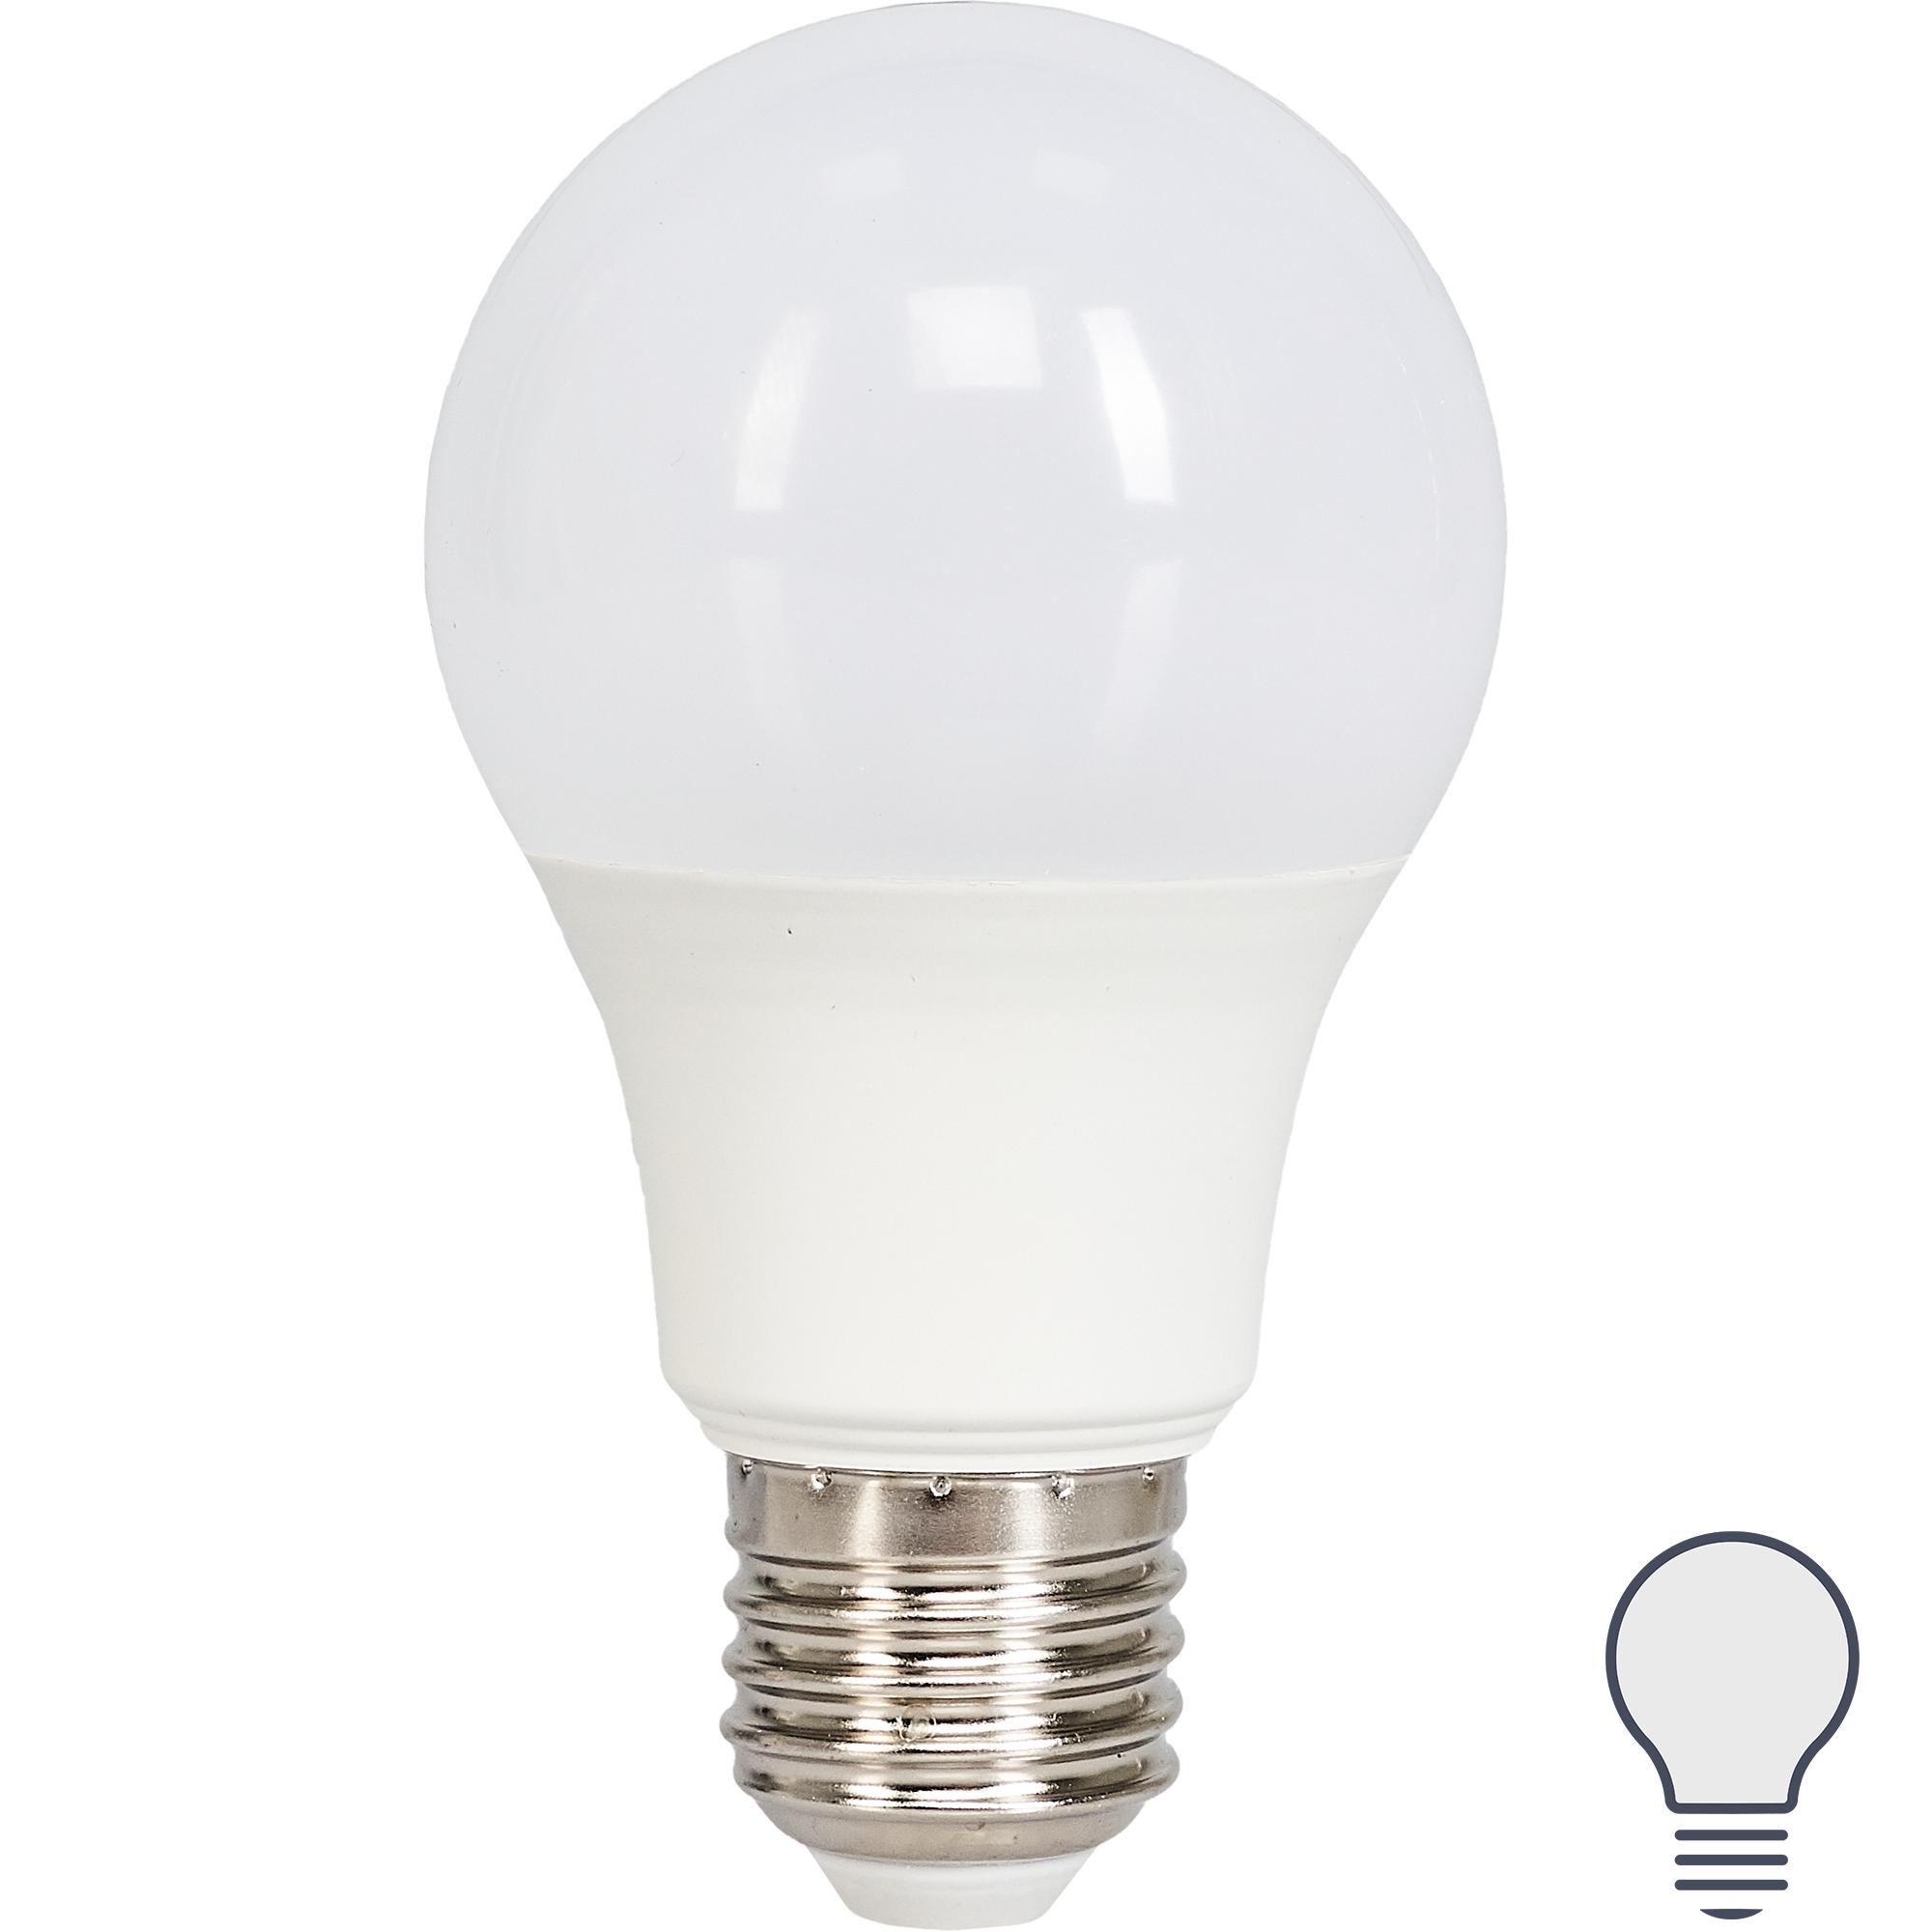 Лампа светодиодная Norma E27 170-240 В 11 Вт груша 900 лм белый свет